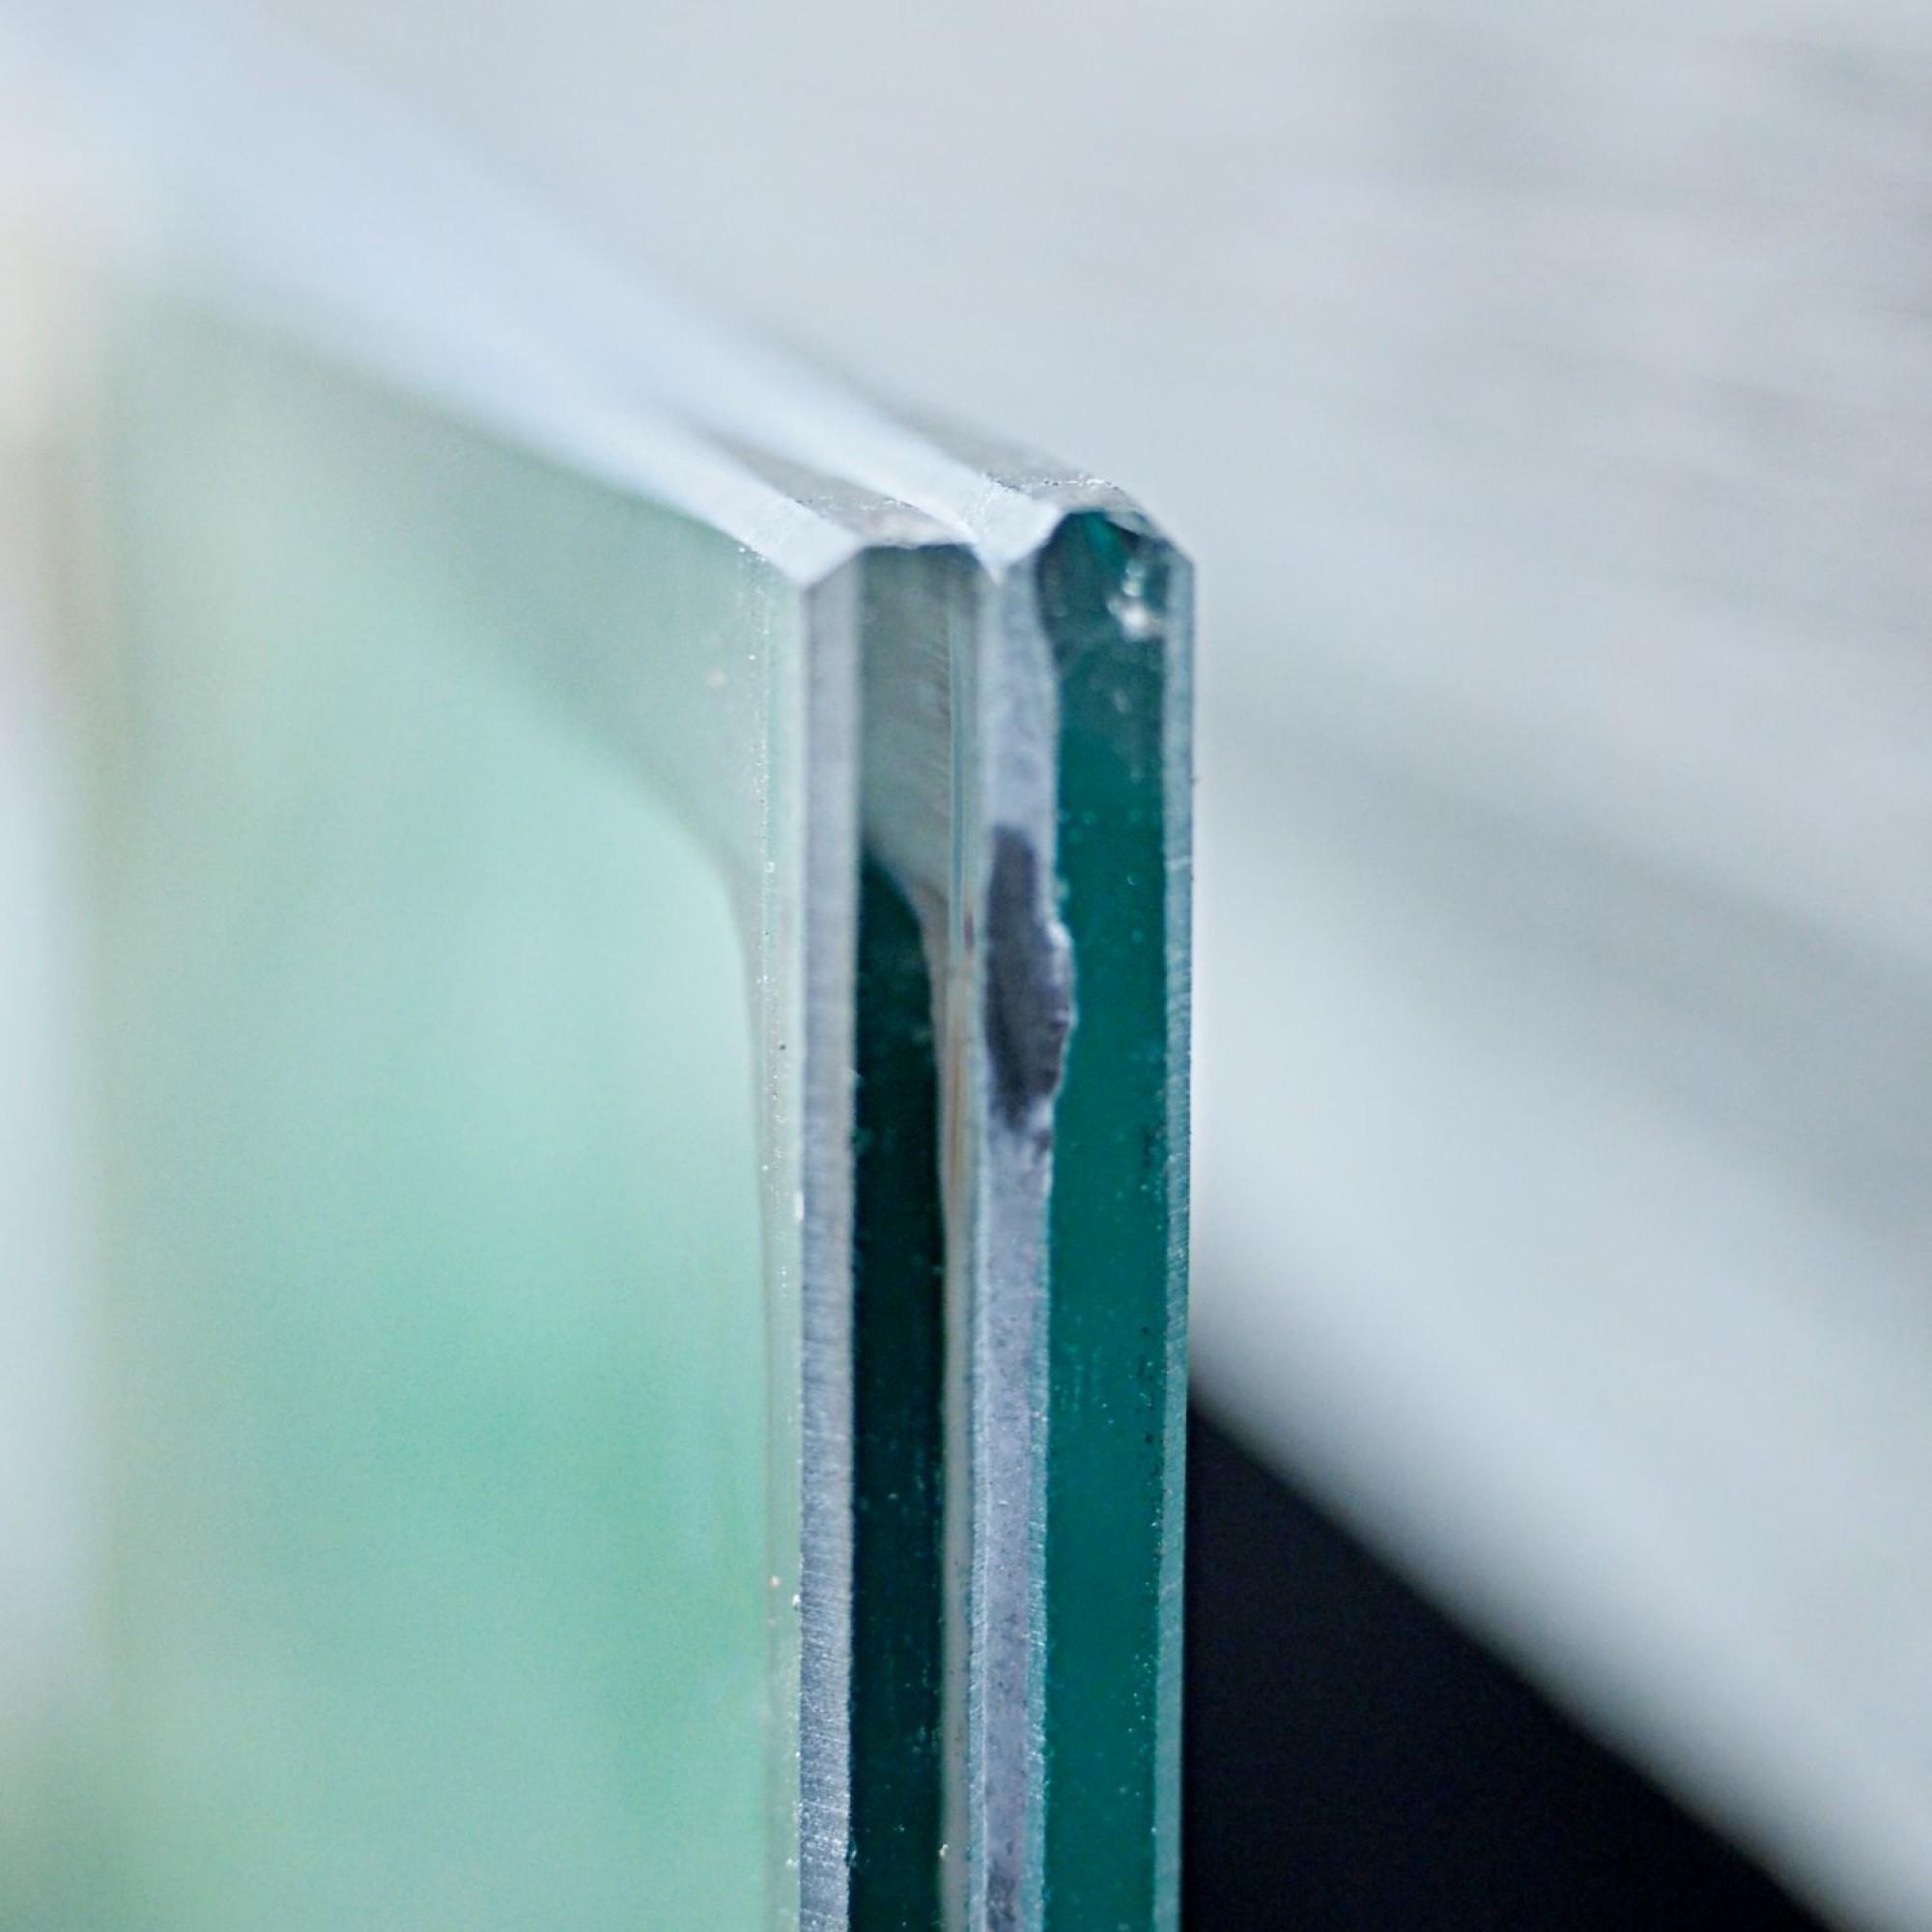 Das Vakuumglas ist 12,5 Millimetern schmal, der luftleere Zwischenraum misst nur 0,5 Millimeter.